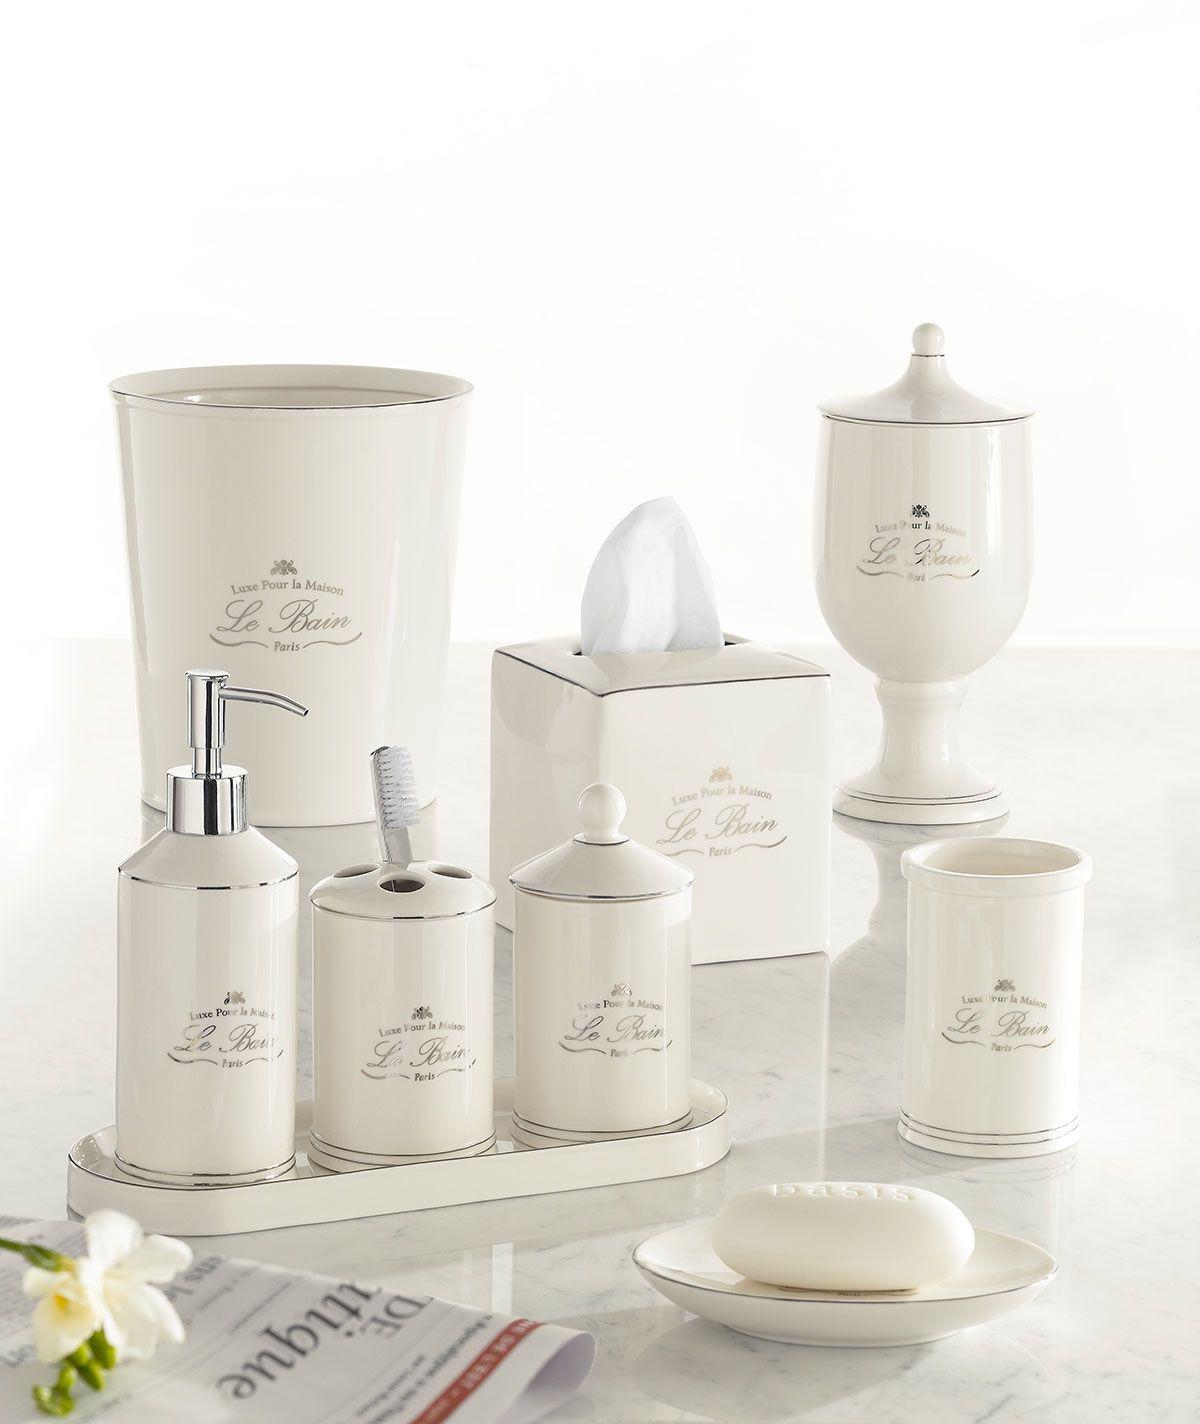 le bain bath collection top grade high temperature porcelain